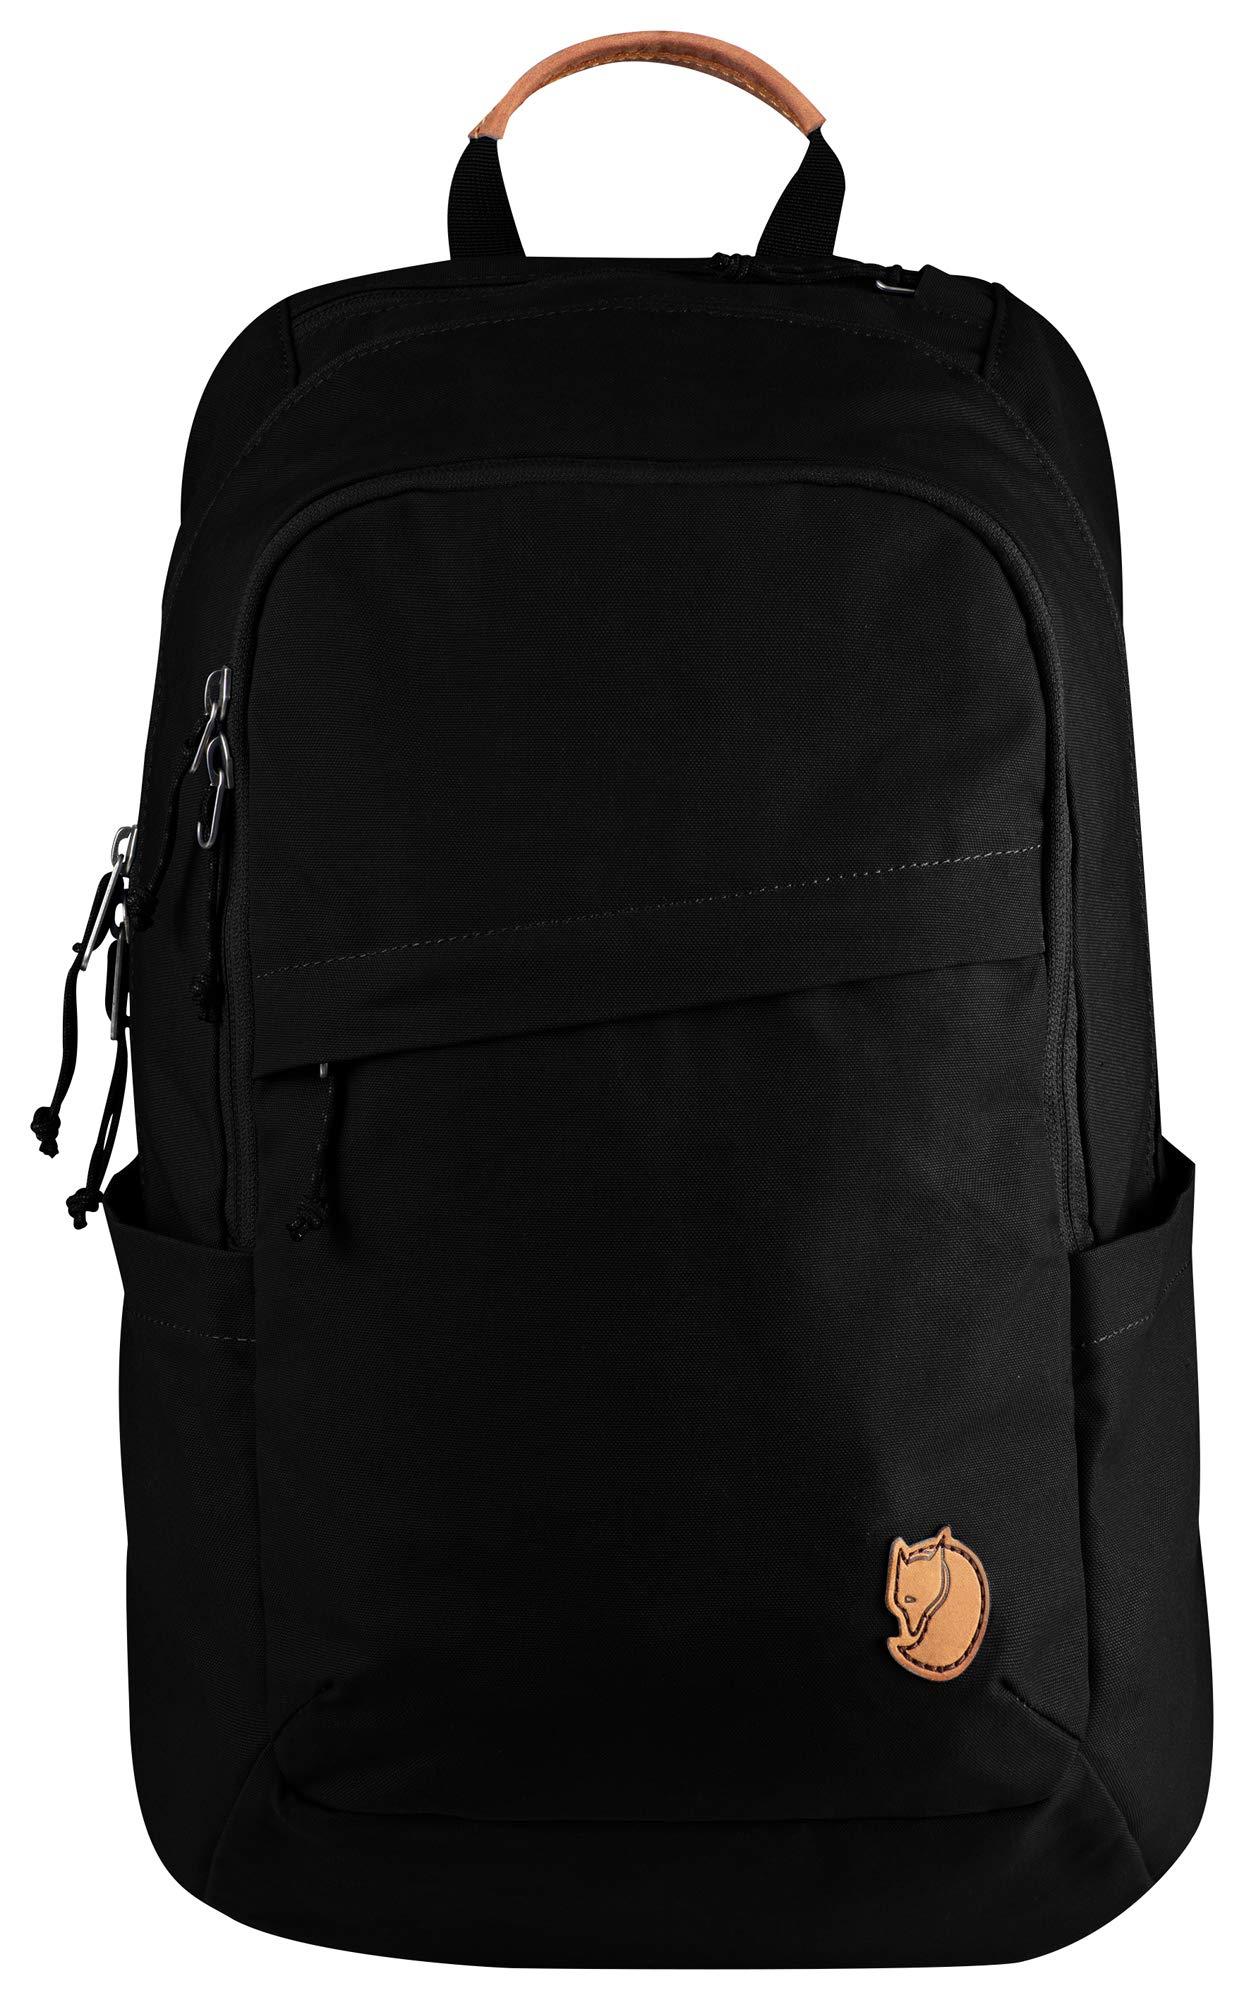 Fjallraven - Raven 20 Backpack, Fits 15'' Laptops, Black